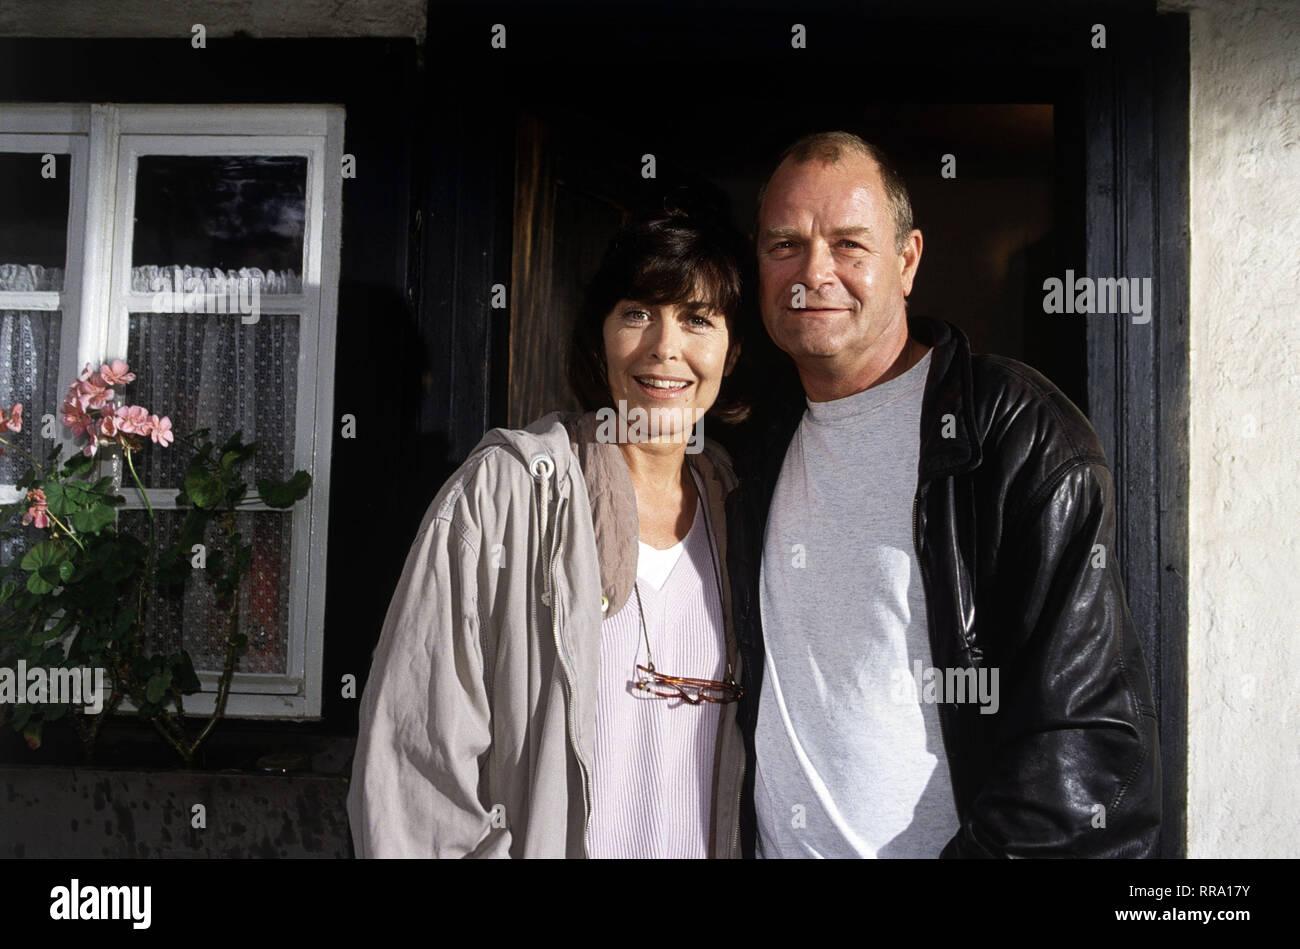 Ein TV-Special mit THEKLA CAROLA WIED und DIETER MANN. 36430 / Überschrift: EINE FRAU IN DEN ALLERBESTEN JAHREN / Deutschland 1992 Stock Photo